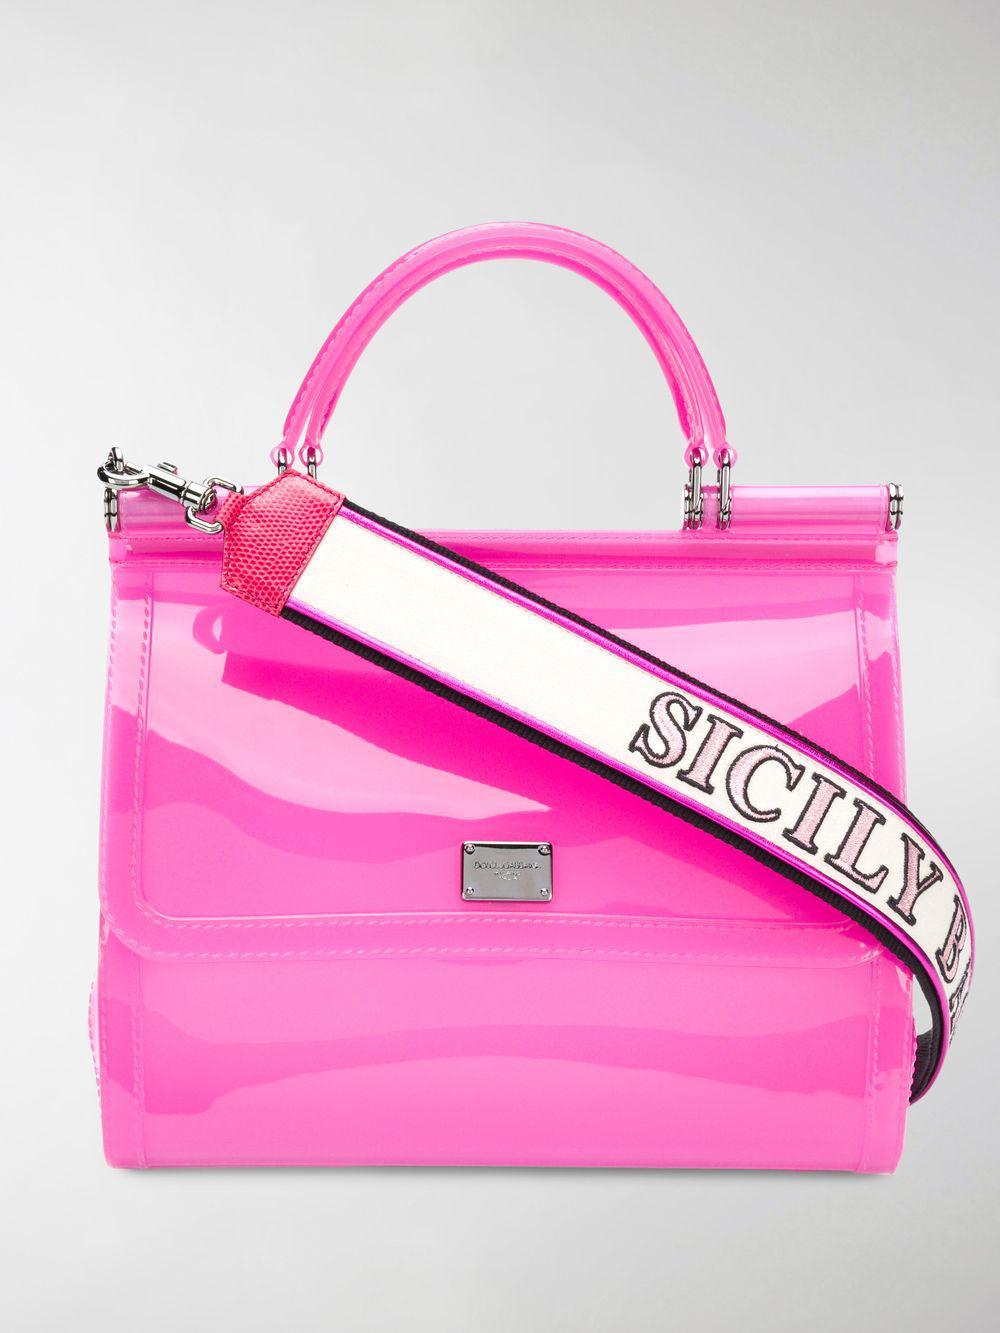 c13155a99991 Lyst - Dolce   Gabbana Pink Sicily Transparent Pvc Shoulder Bag in Pink